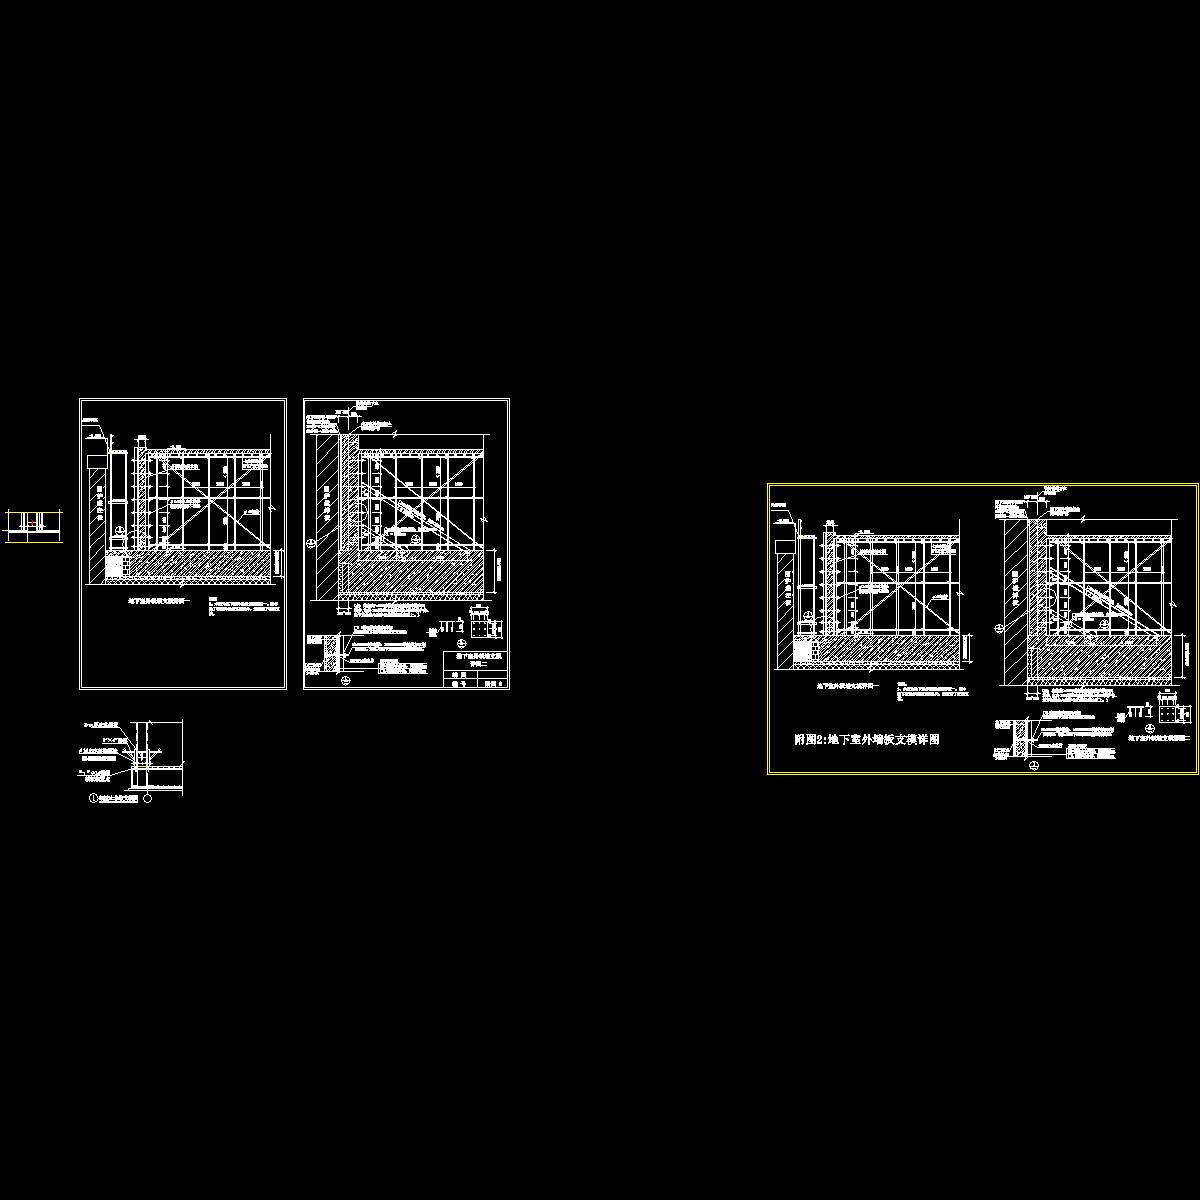 2地下室外板墙支模详图.dwg